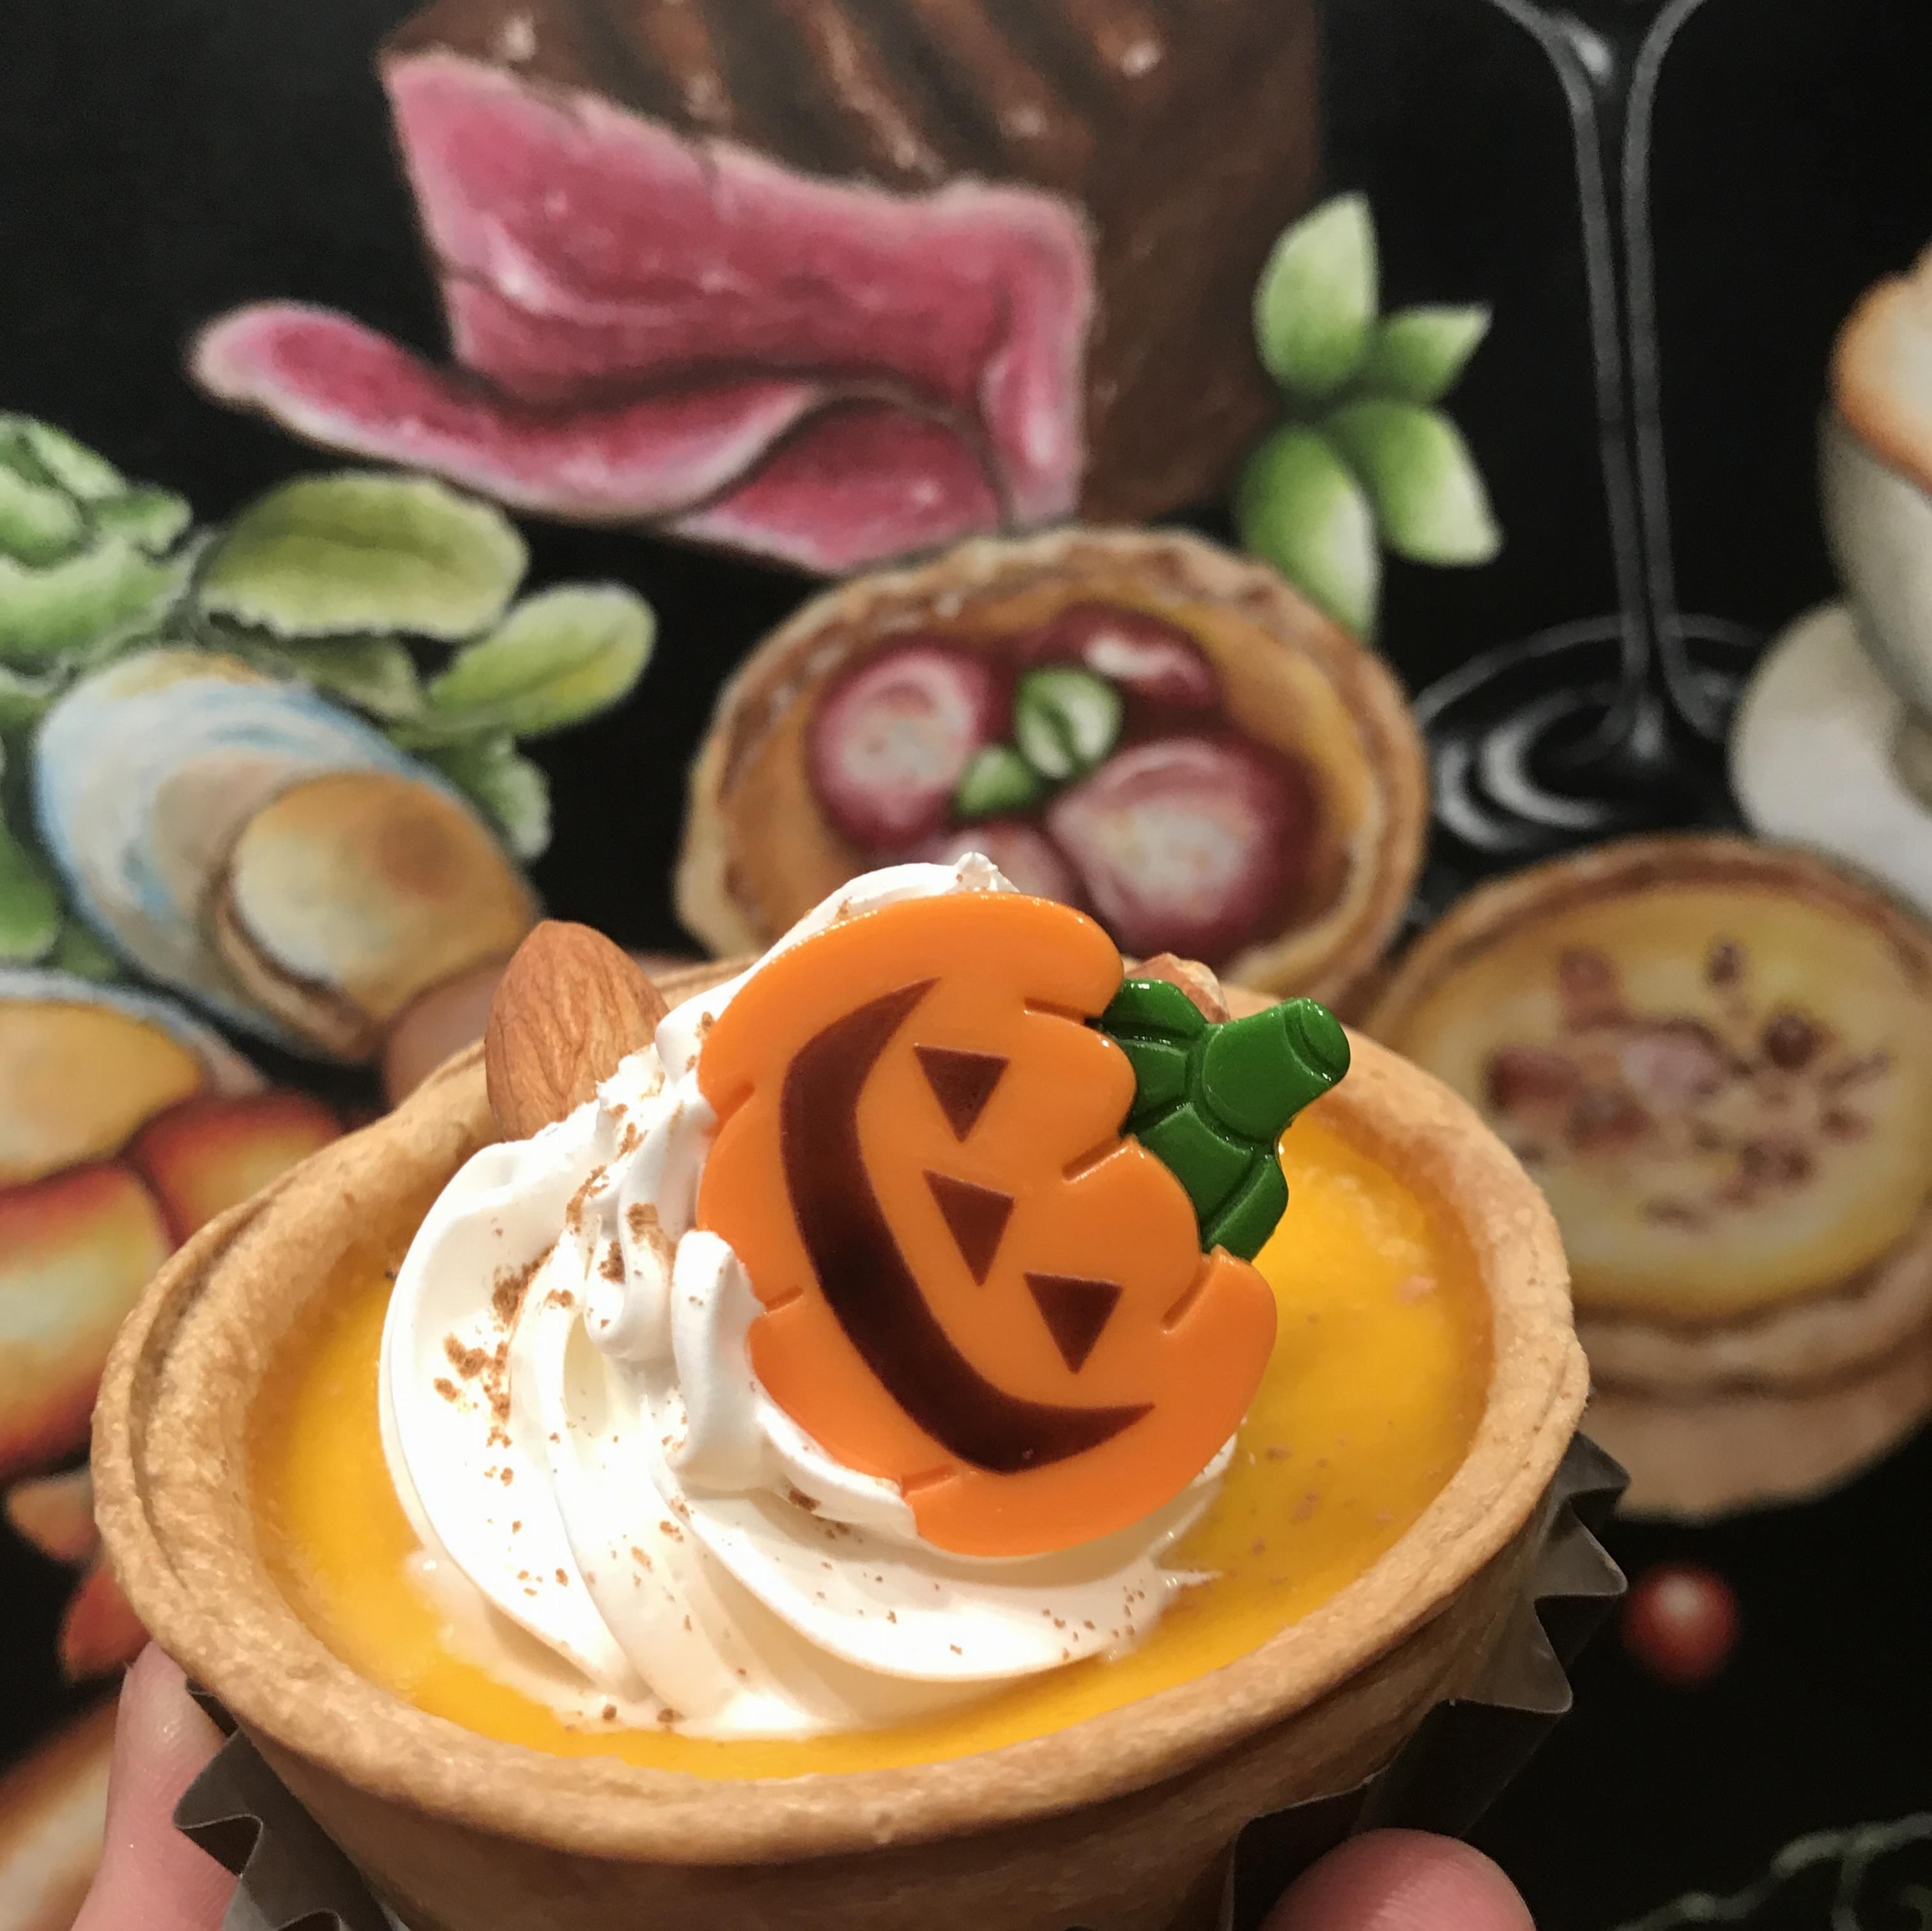 【FOOD】街もちゃくちゃくとハロウィンモード★キッシュ ヨロイズカでパンプキンキッシュを発見!_1